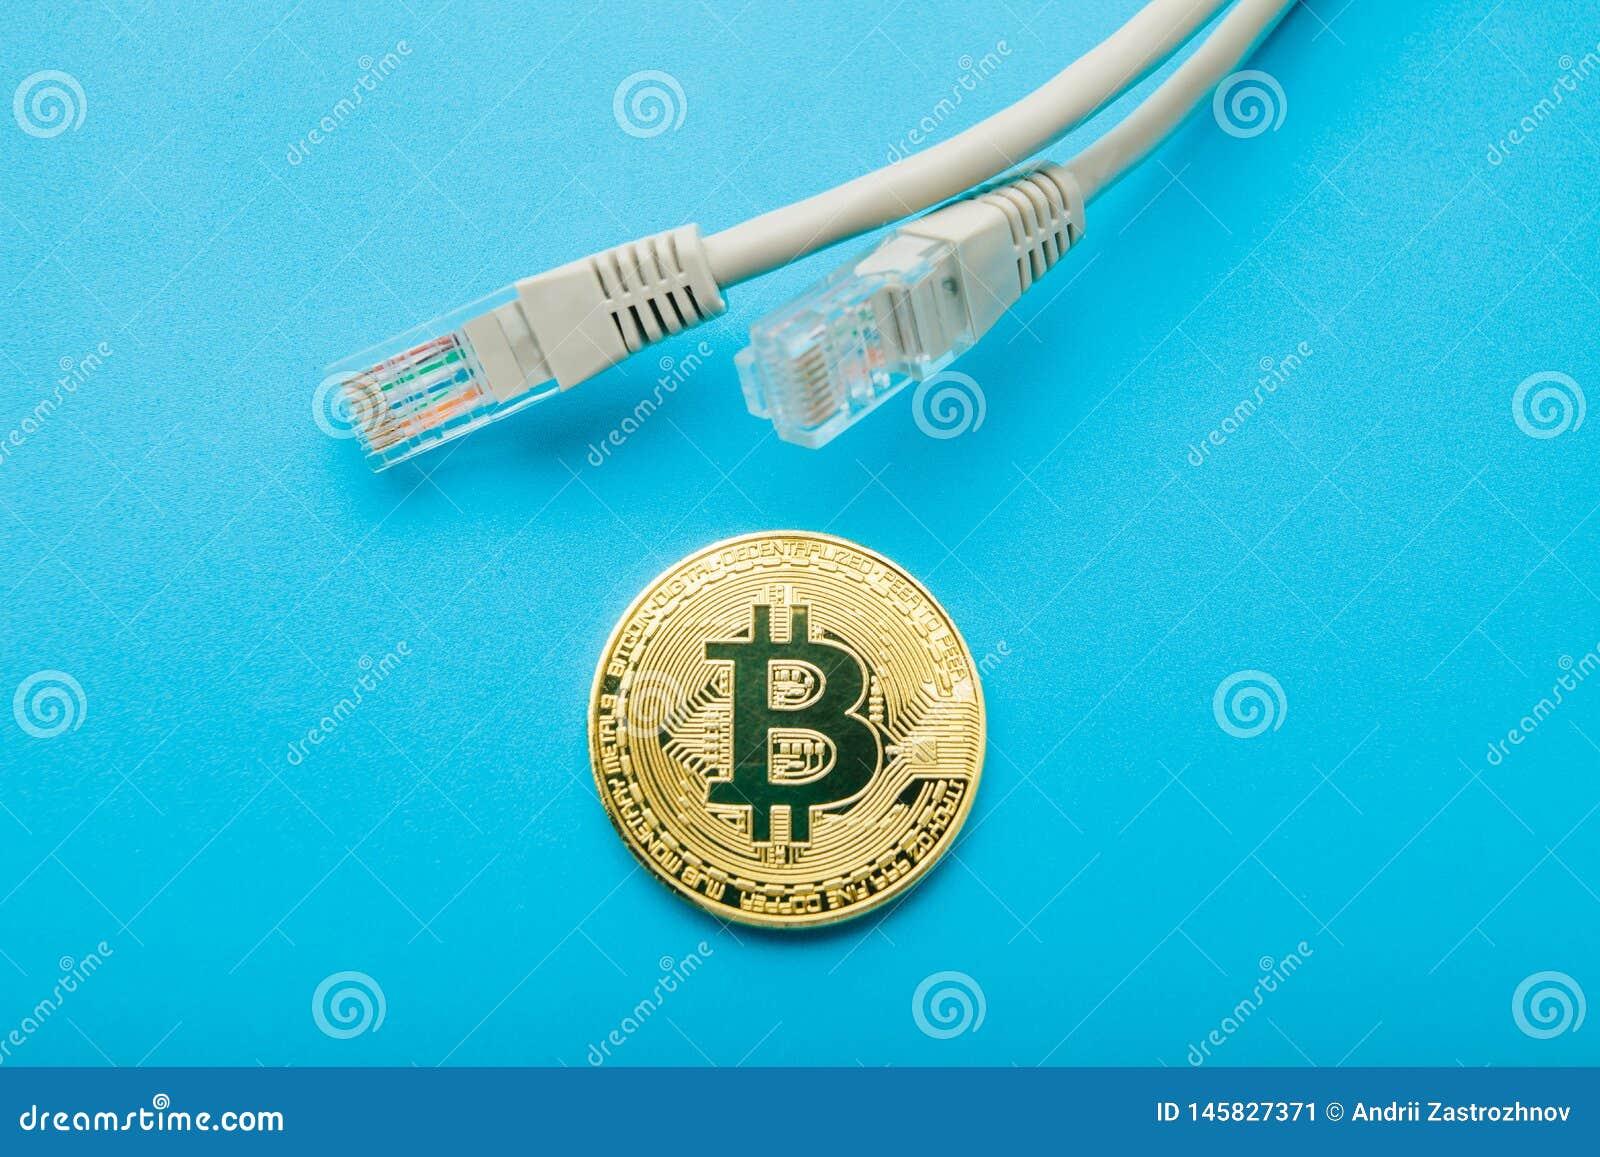 Το ανώνυμο νόμισμα για την πληρωμή μέσω του Διαδικτύου είναι bitcoin